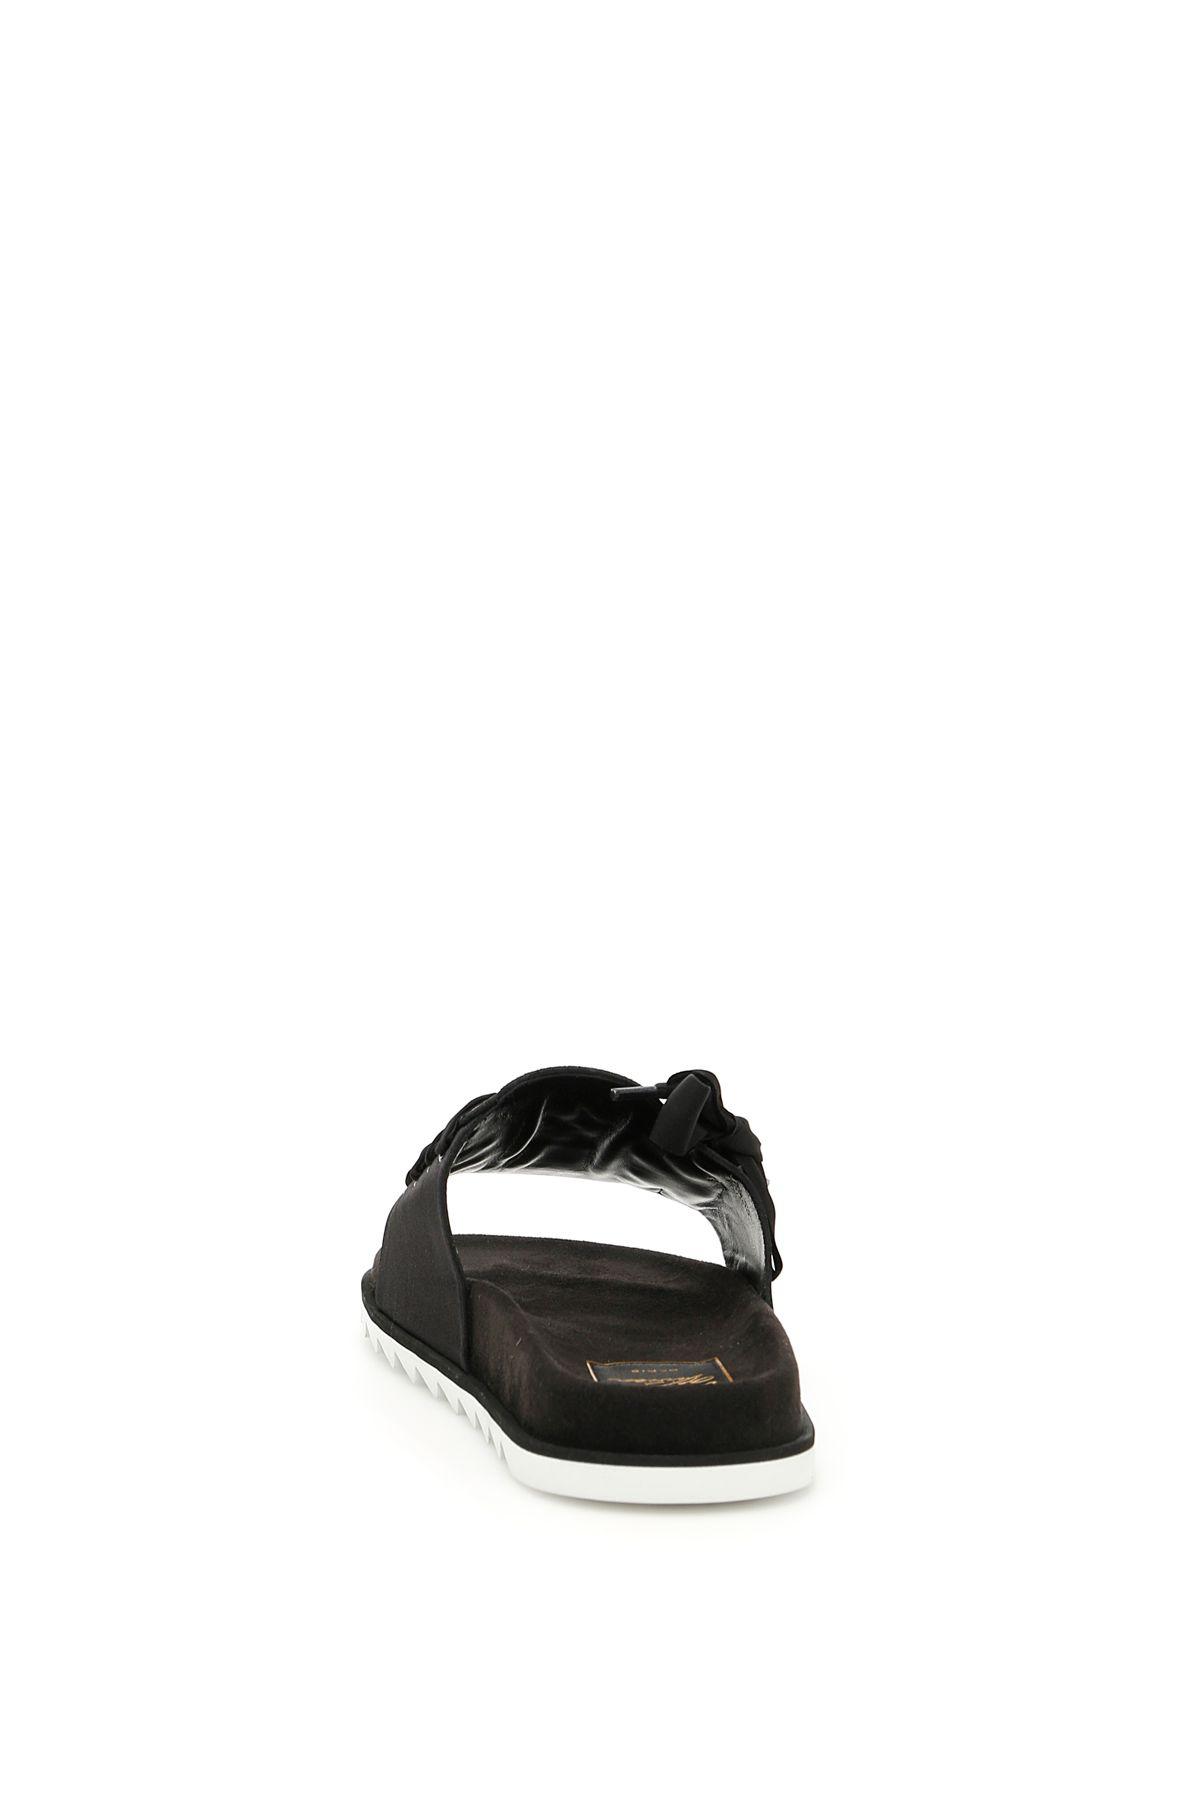 f0e5f17c471e Roger Vivier Roger Vivier Viv Etiquette Slides - BLACK